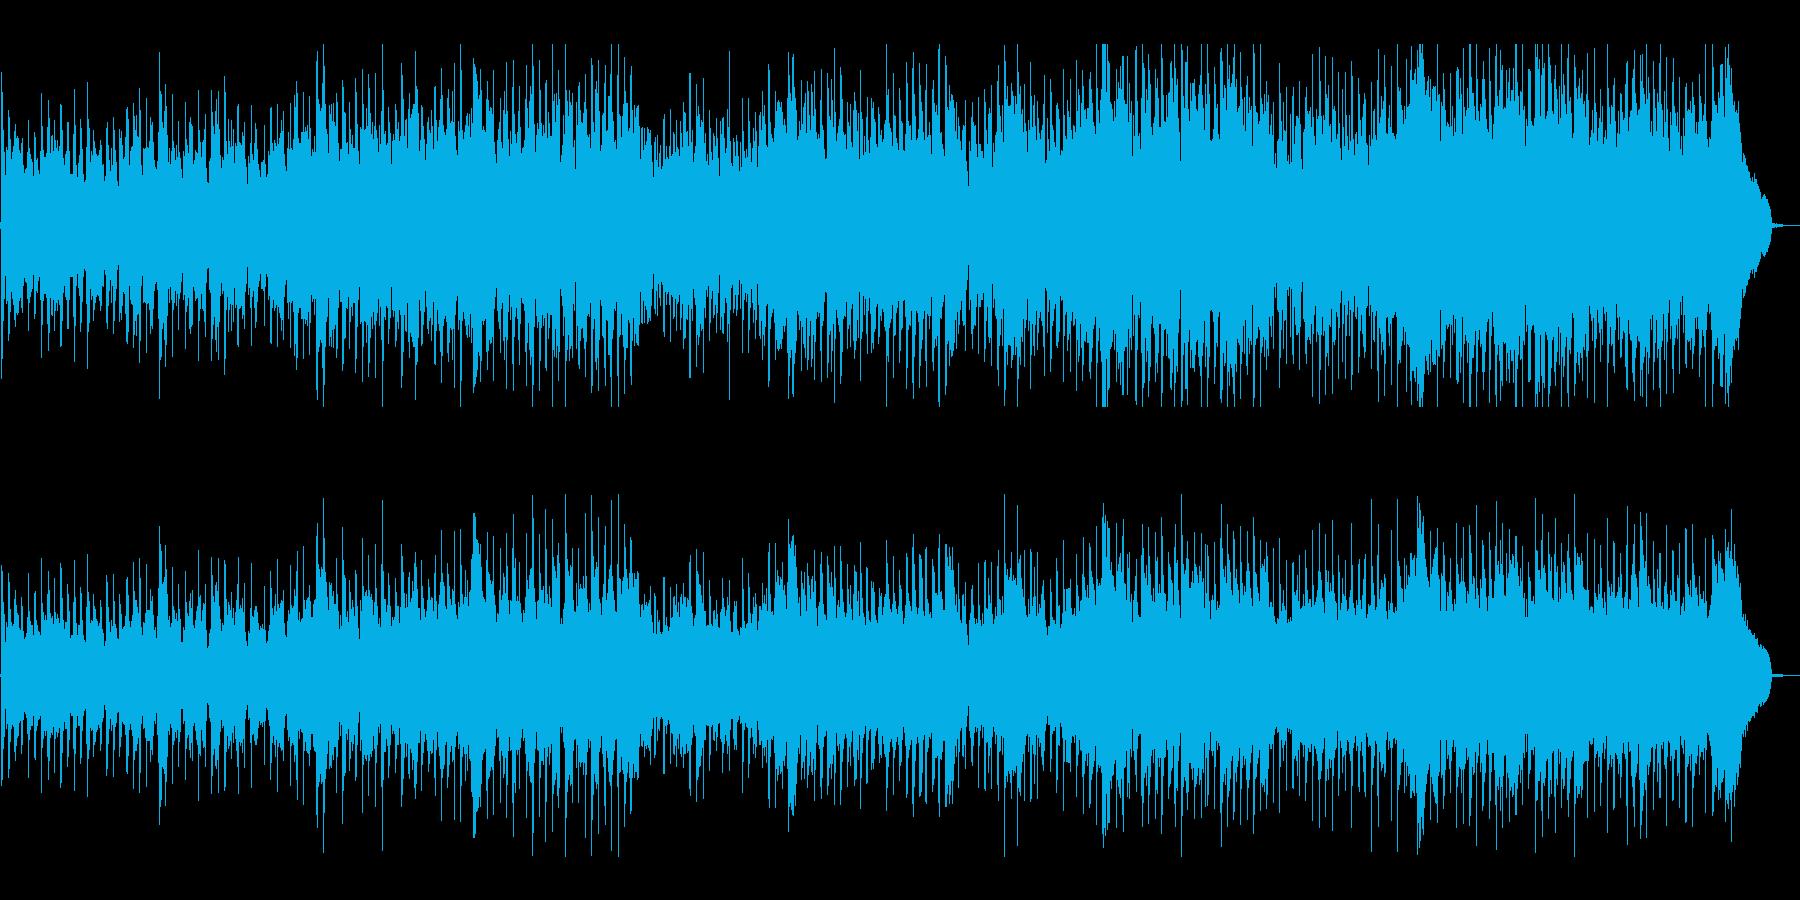 リズミカルで伝統的なフォークミュージックの再生済みの波形